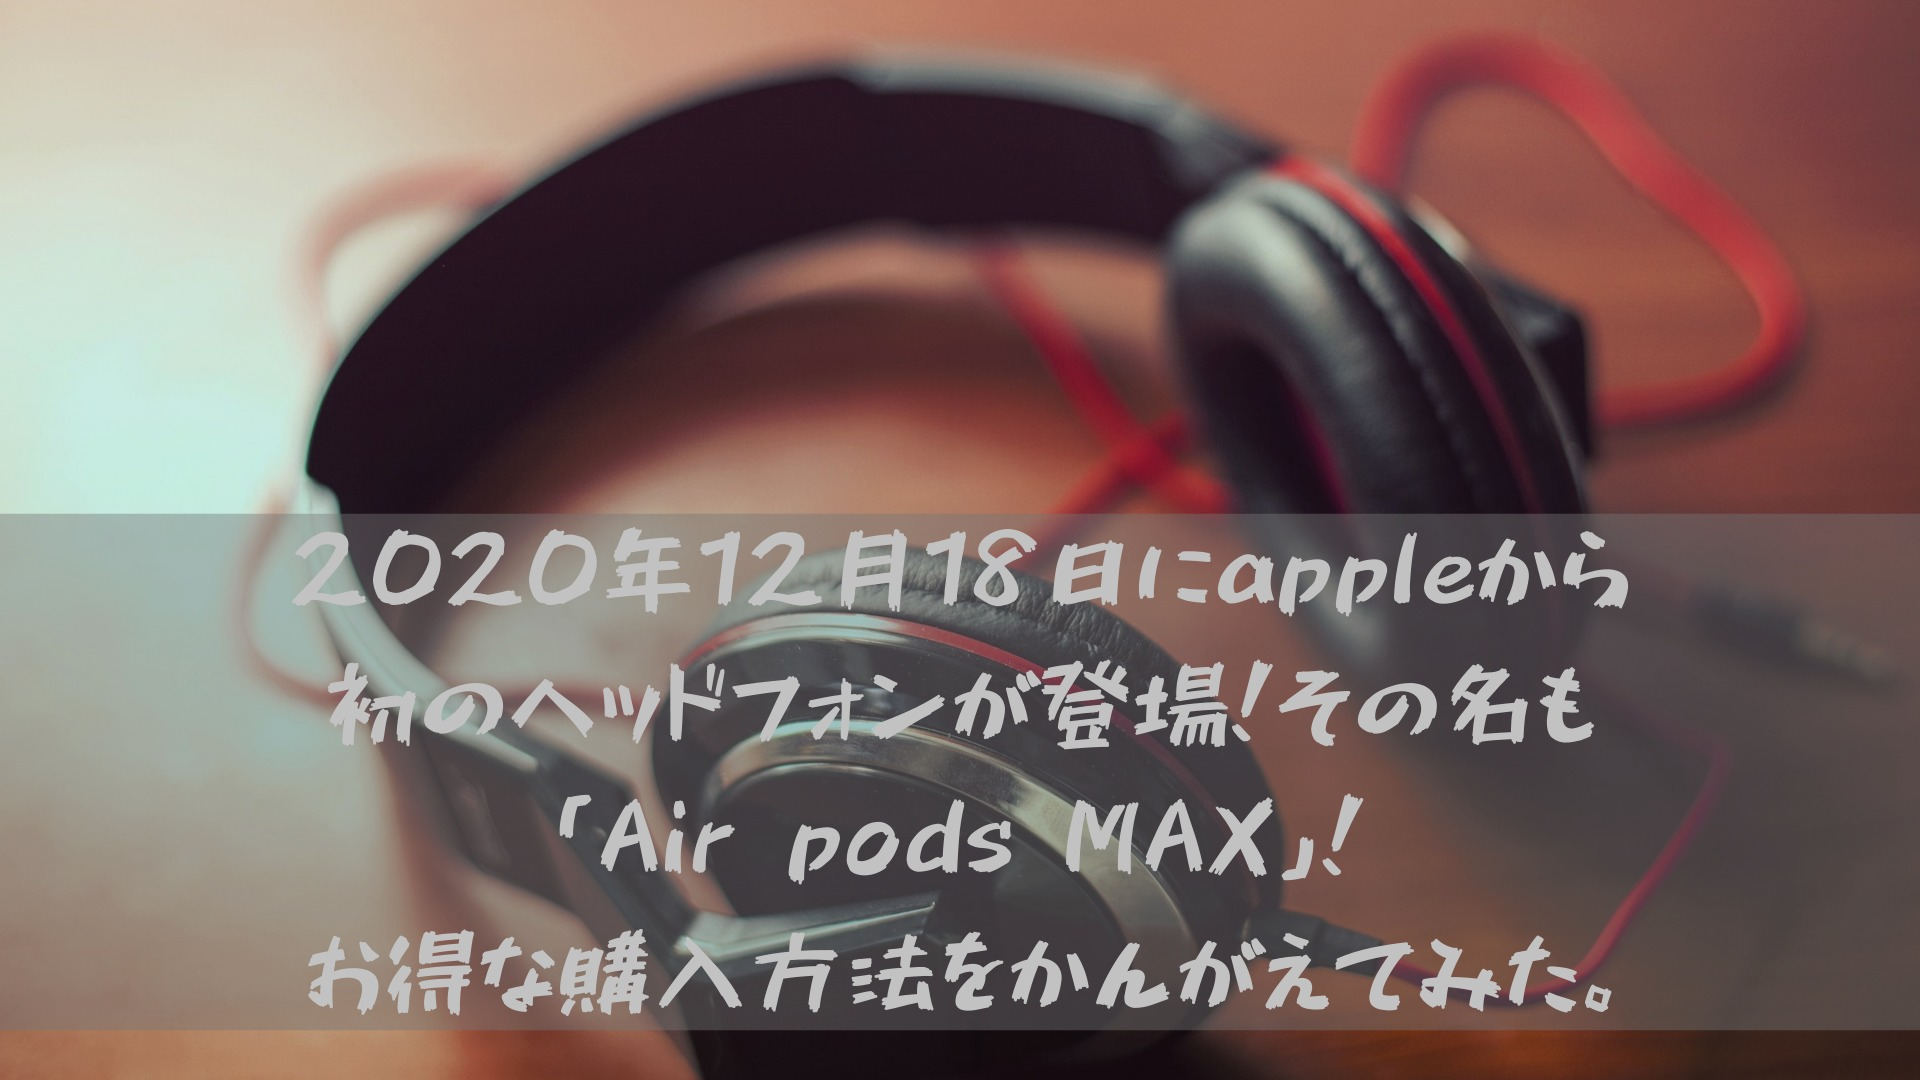 2020年12月18日にappleから初のヘッドフォンが登場!その名も「Air pods MAX」!お得な購入方法をかんがえてみた。